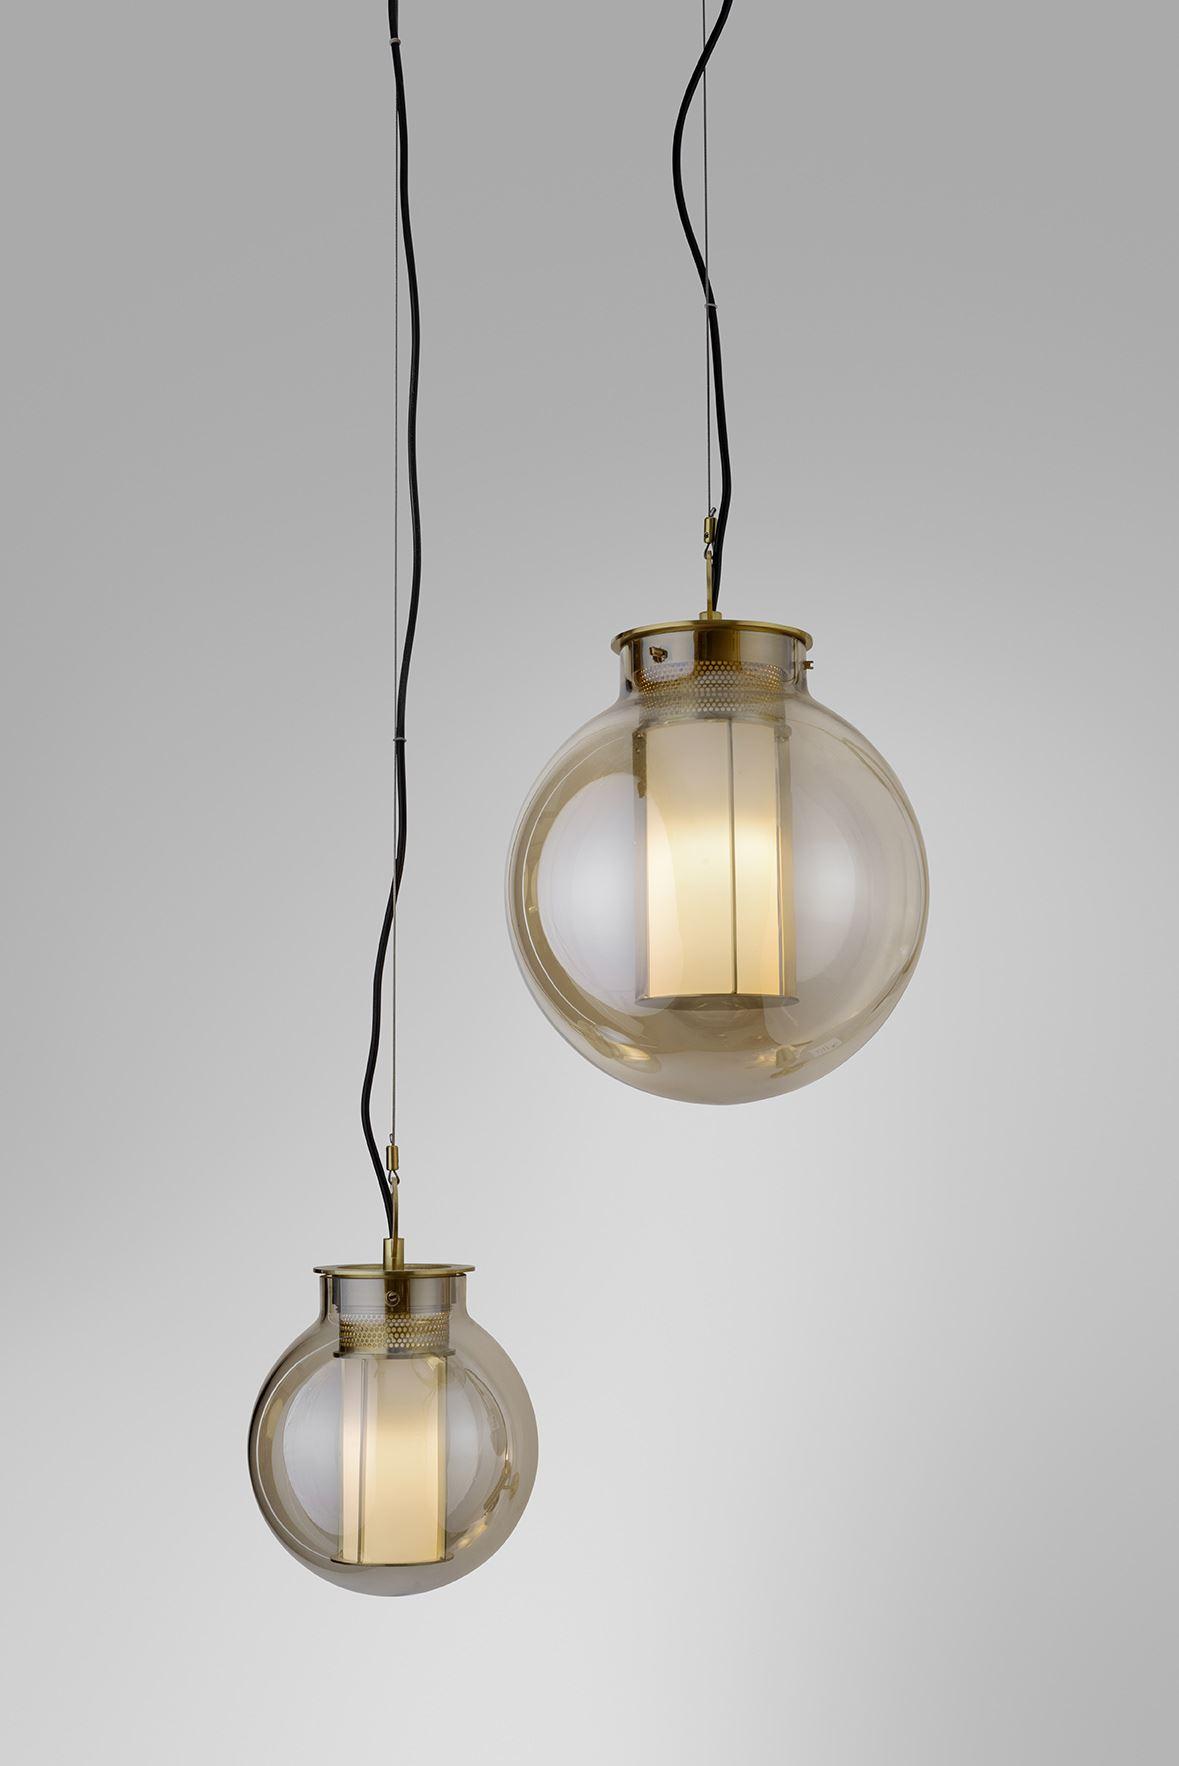 גופי תאורה בקטגוריית: מנורות תלויות ,שם המוצר: CANDELA